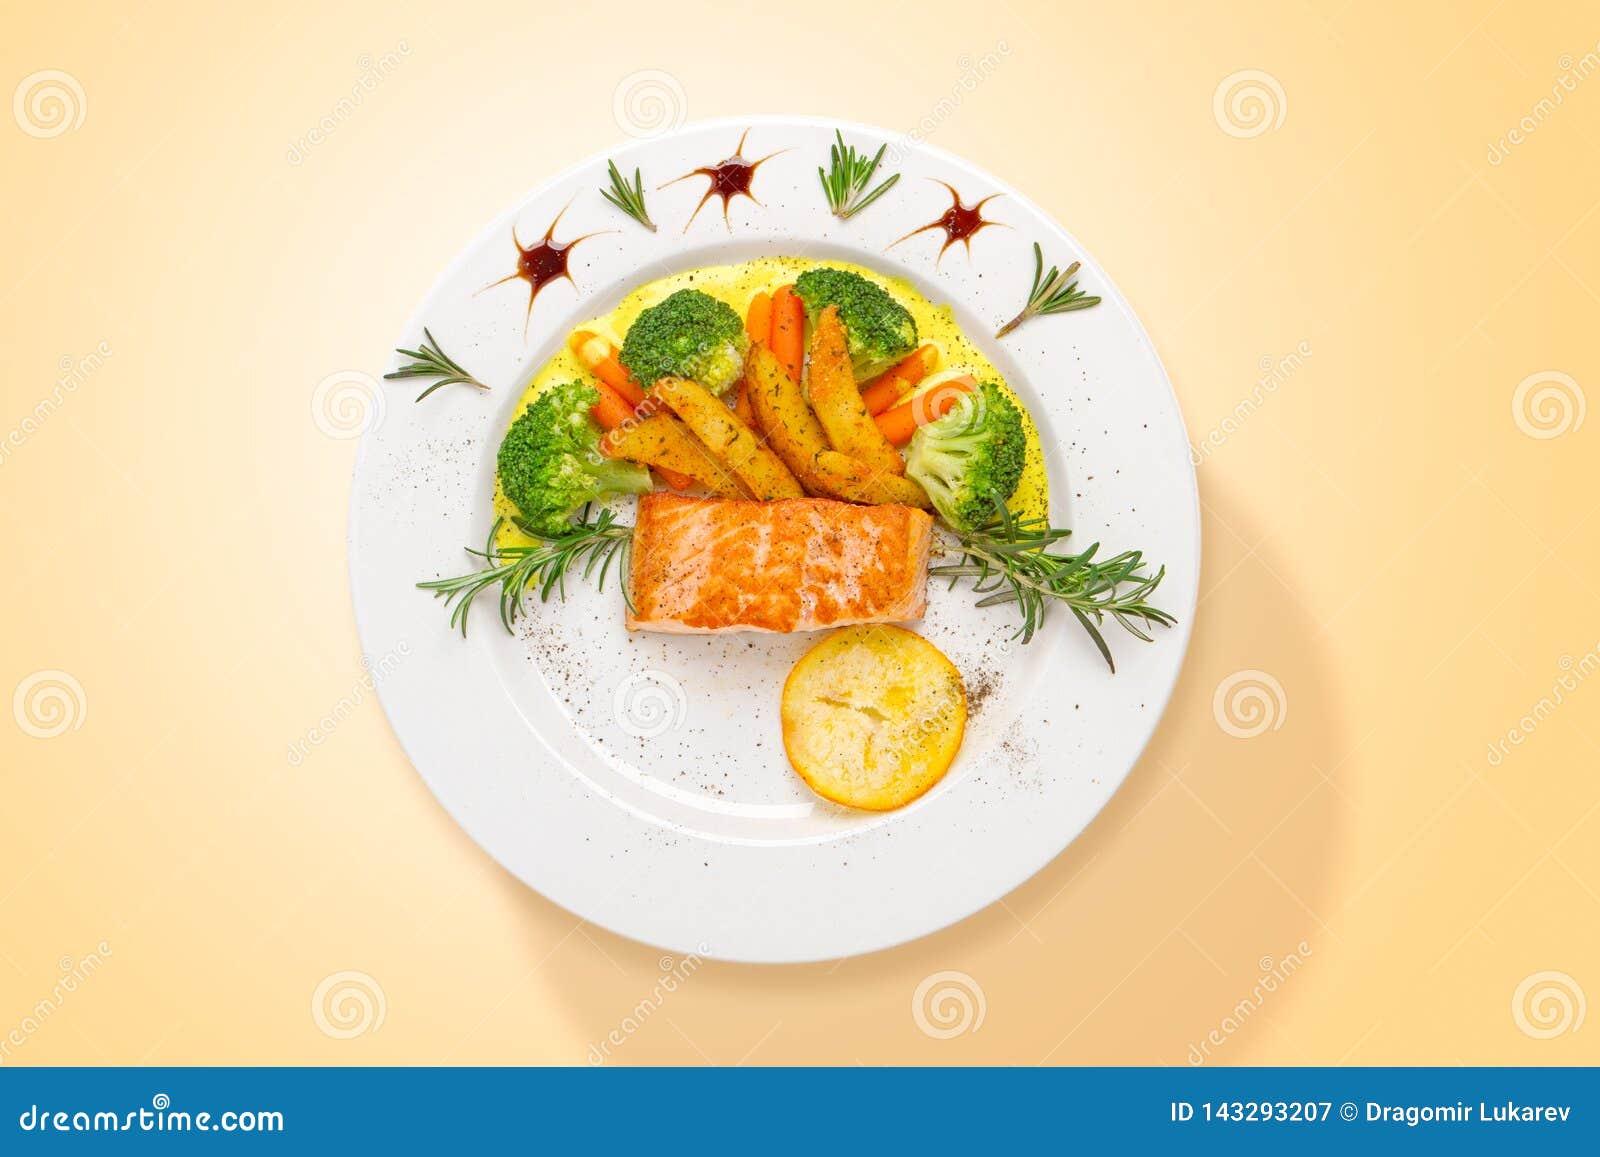 Lachse mit Currysoße und Frischgemüse Beschneidungspfad eingeschlossen